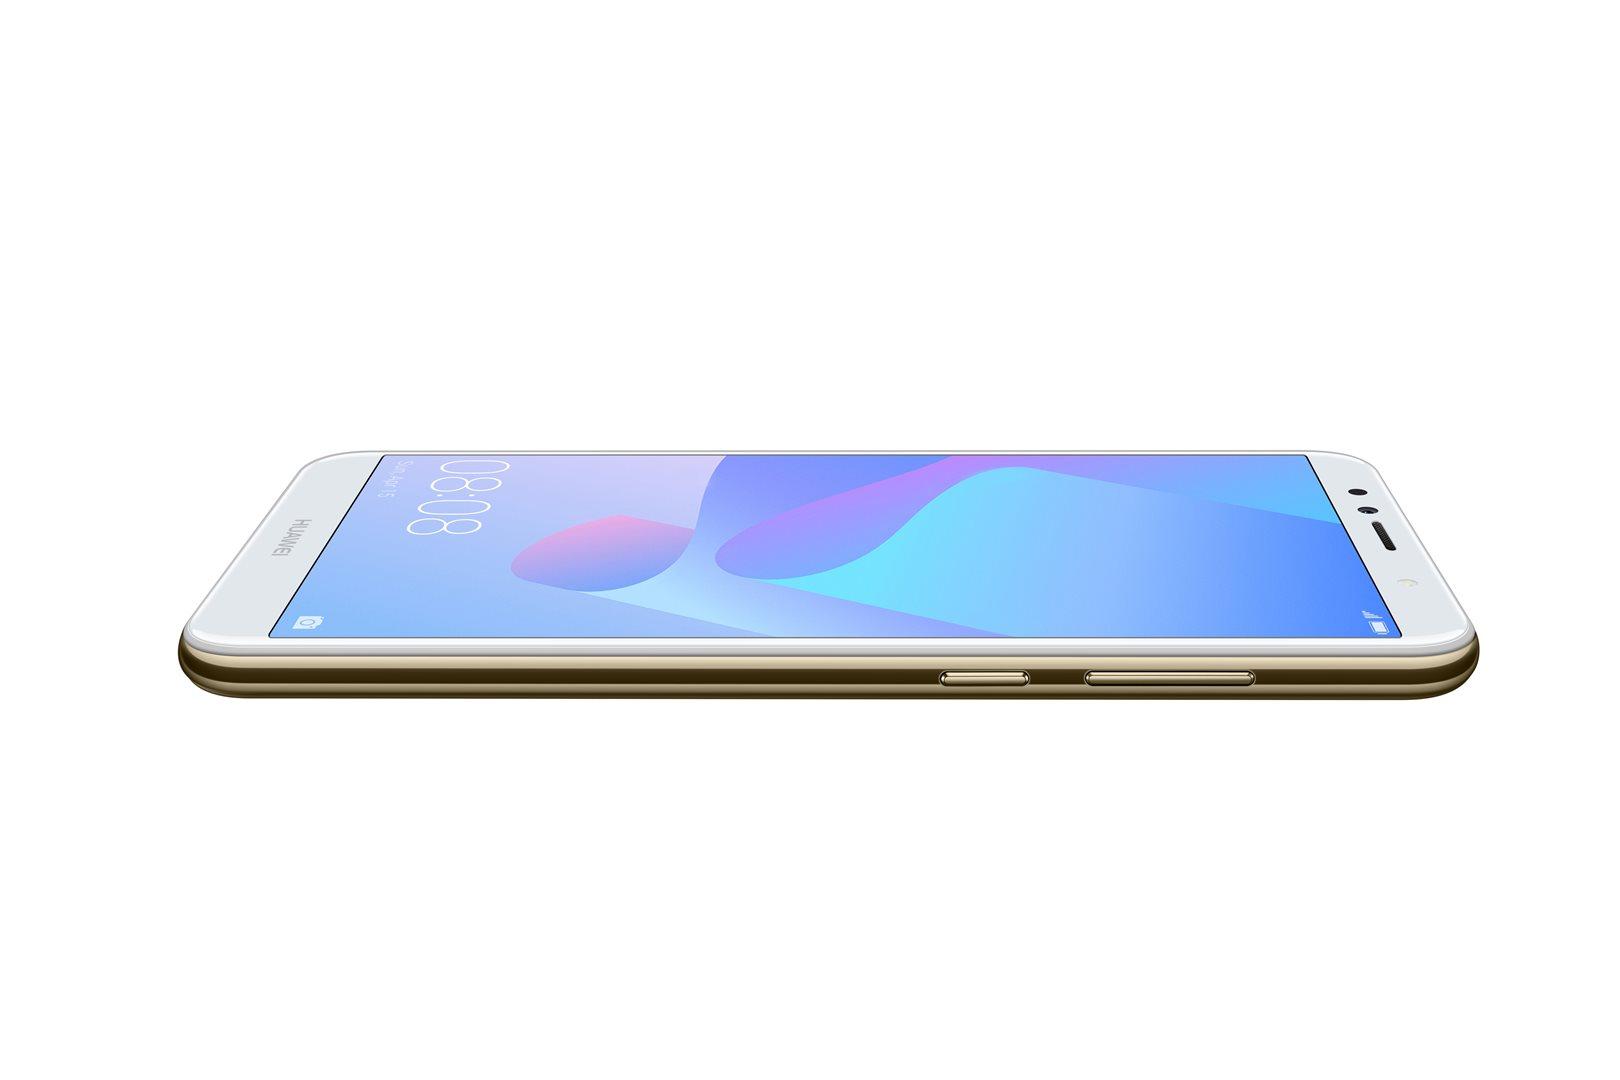 Jedinečný telefon Huawei Y6 Prime 2018